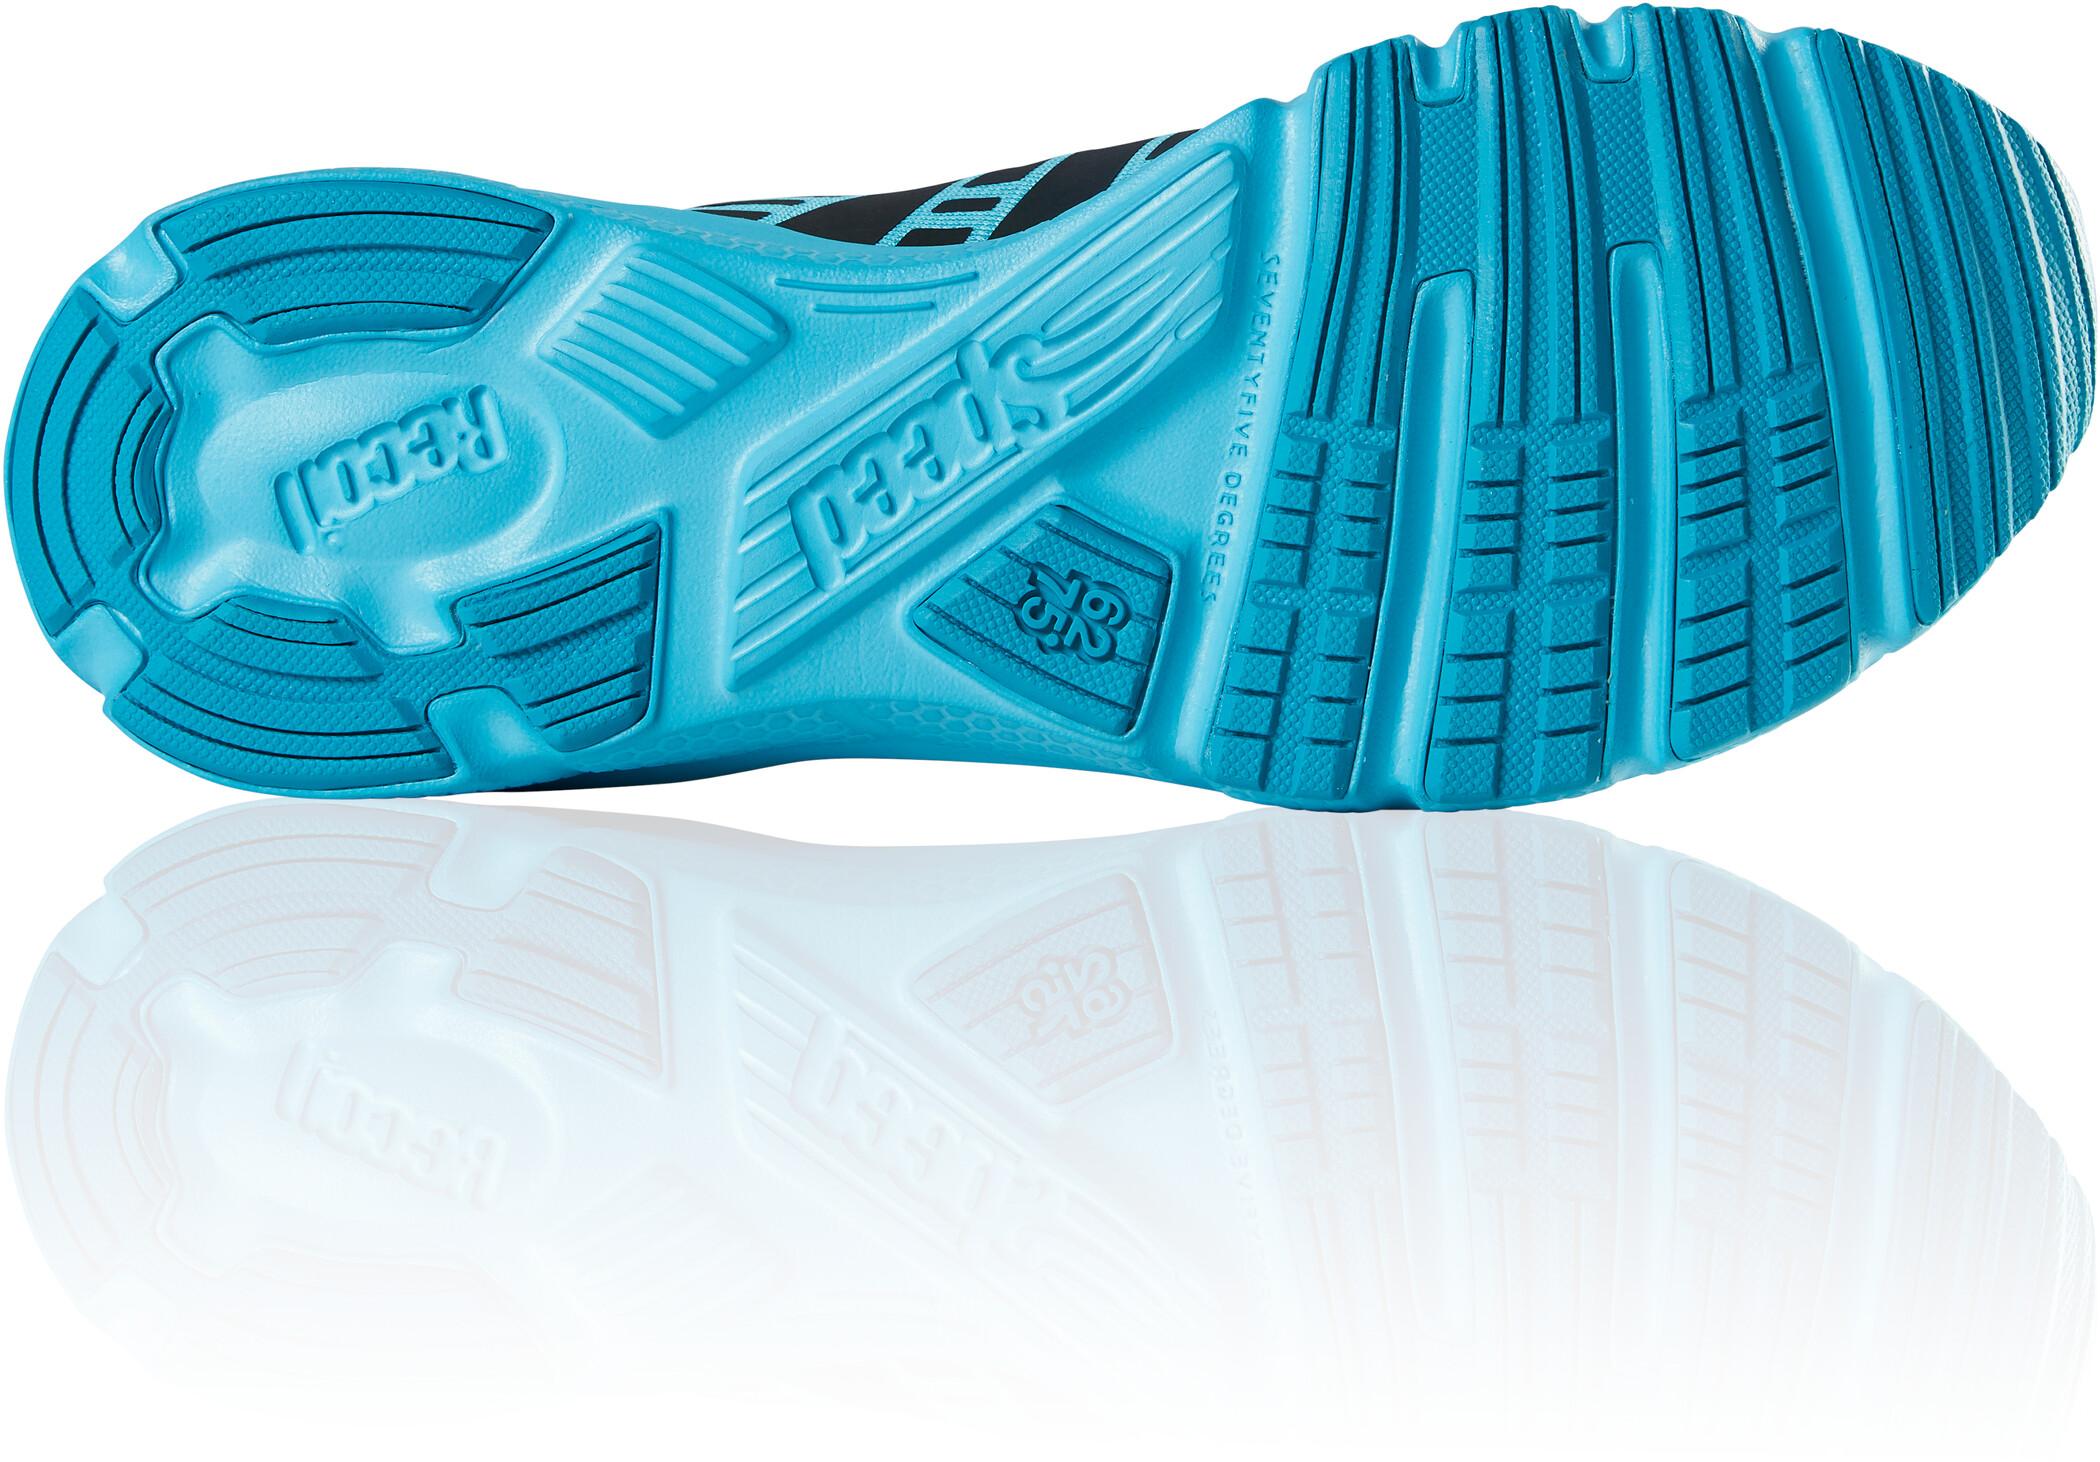 Salming Speed 8 Schuhe Damen scuba bluecaribbean sea